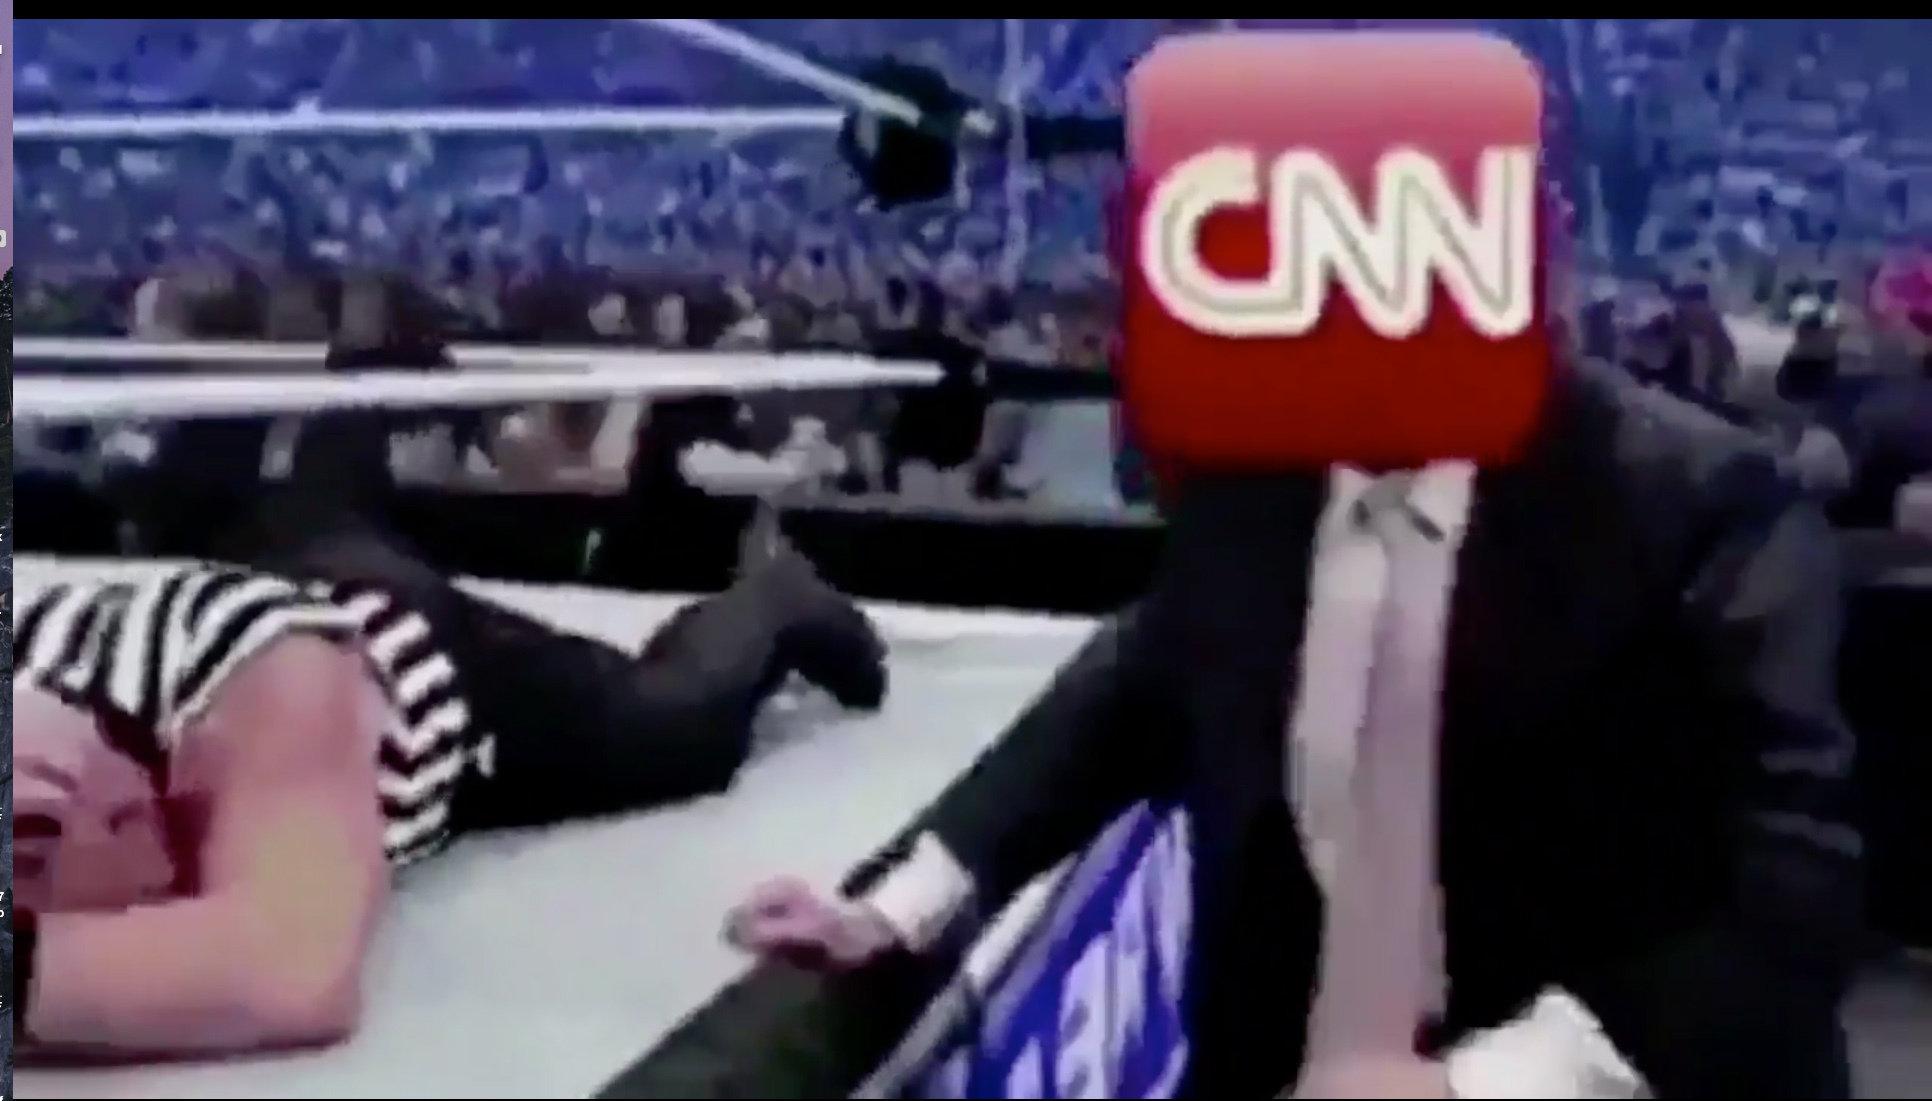 How A Cnn Investigation Set Off An Internet Meme War The New